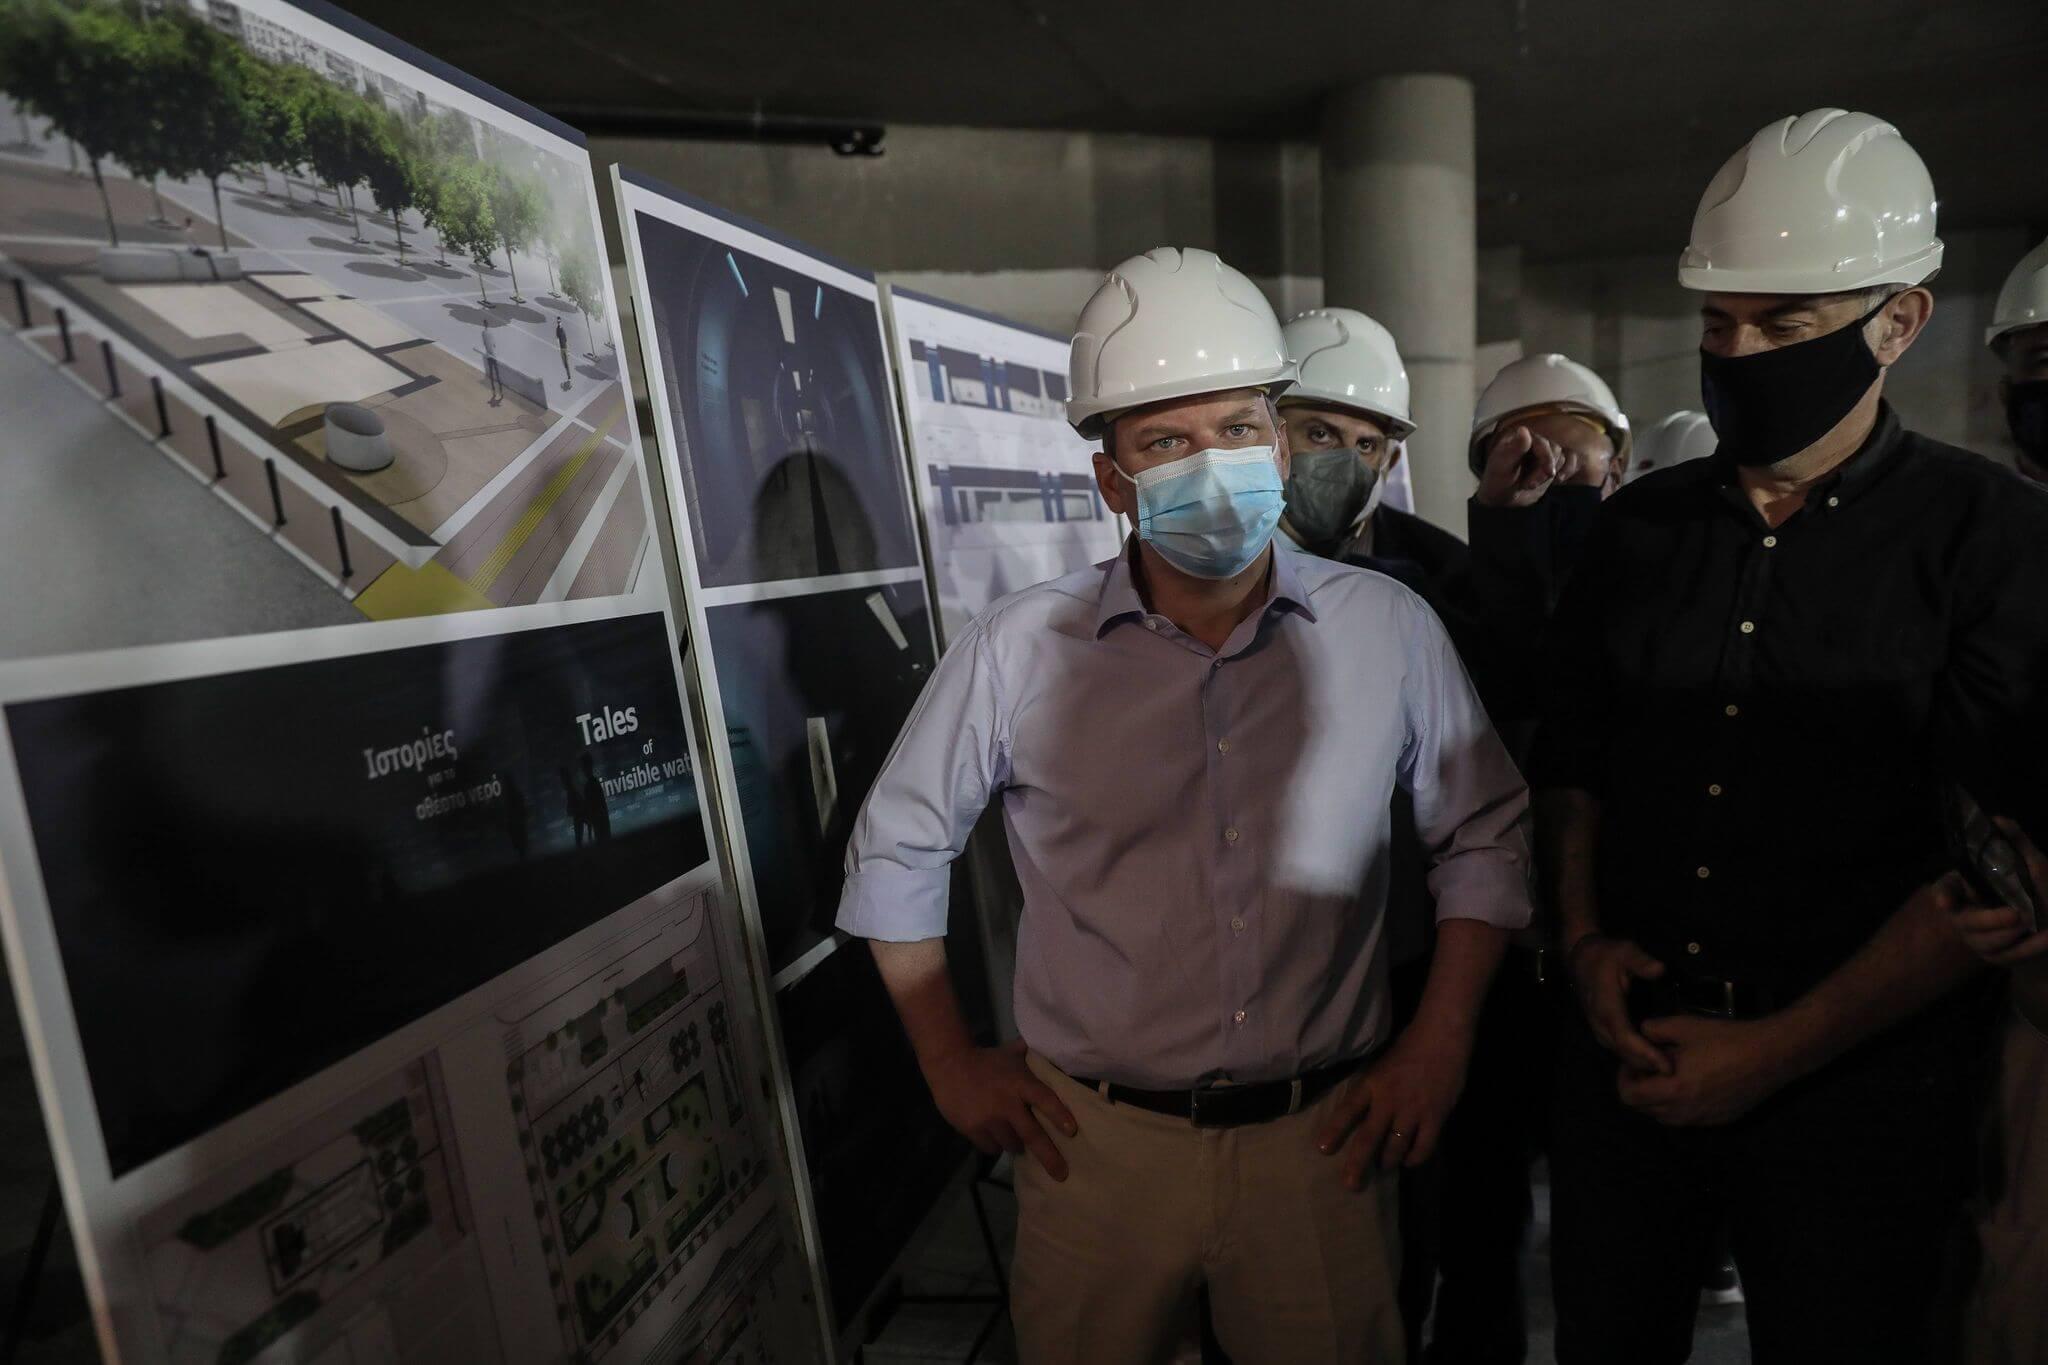 Πειραιάς: Γιάννης Μώραλης και Κώστας Καραμανλής στο εργοτάξιο του σταθμού μετρό